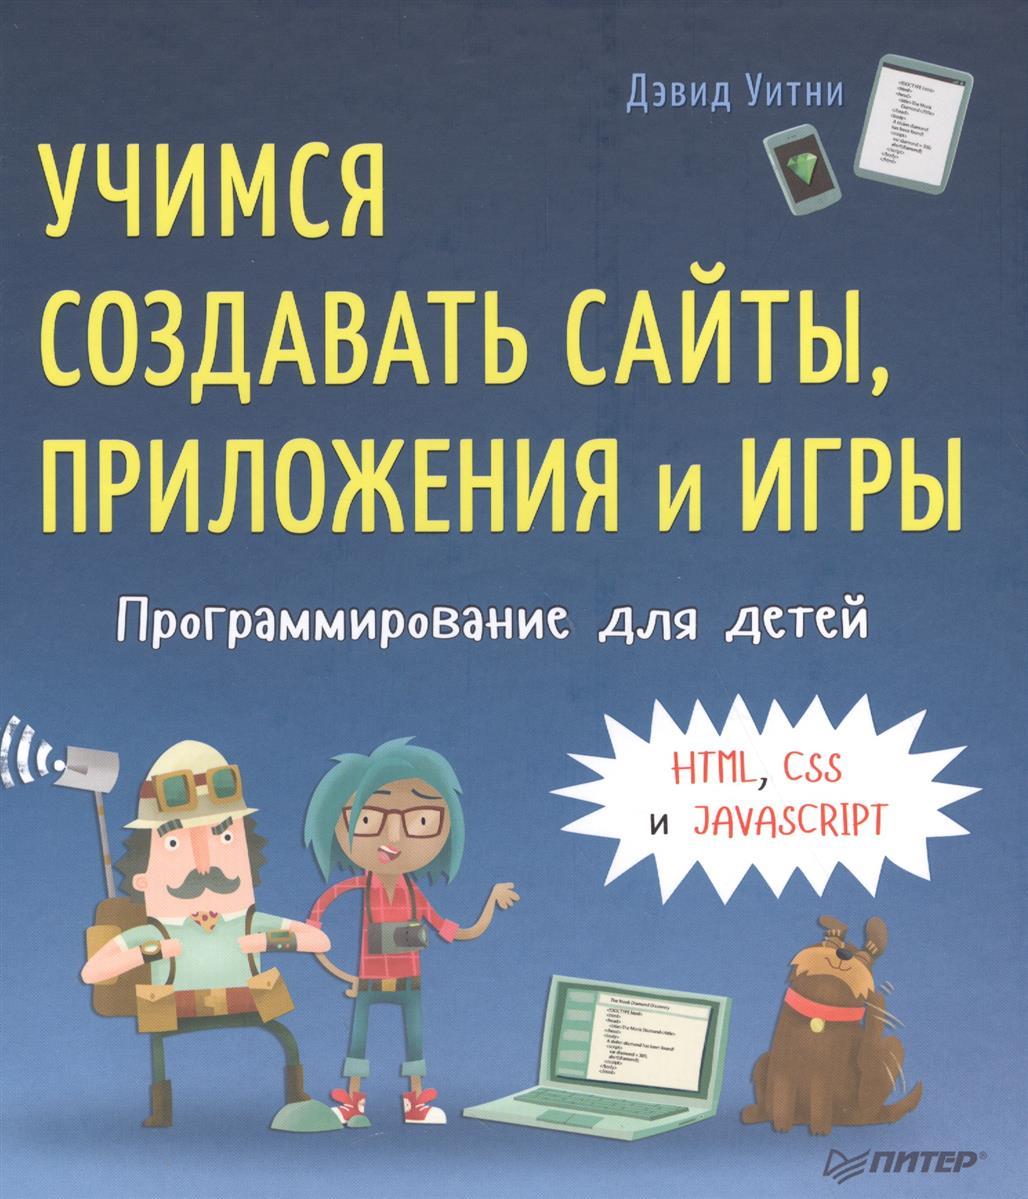 Уитни Д. Программирование для детей. Учимся создавать сайты, приложения и игры. HTML, CSS и JavaScript макнот д уитни любимая